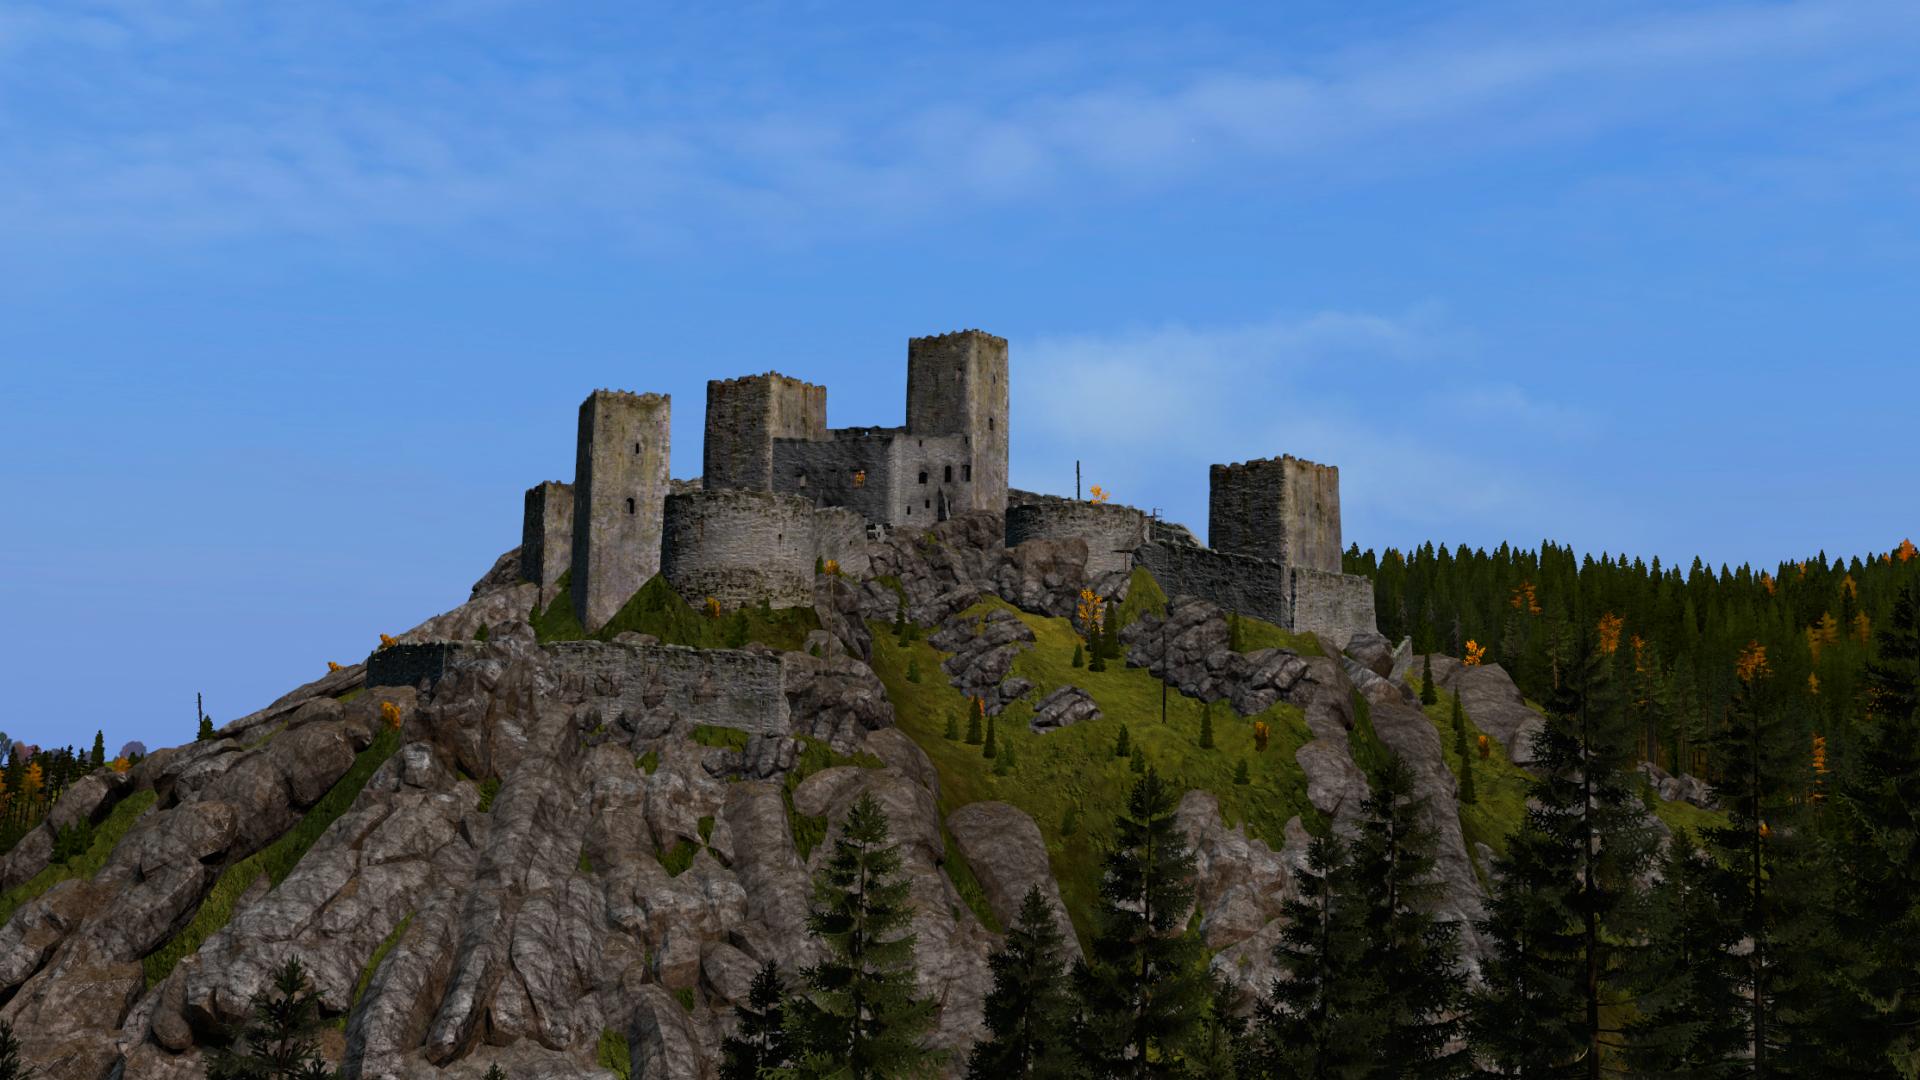 dayz-0-62-castle-sw-of-lopatino.jpg